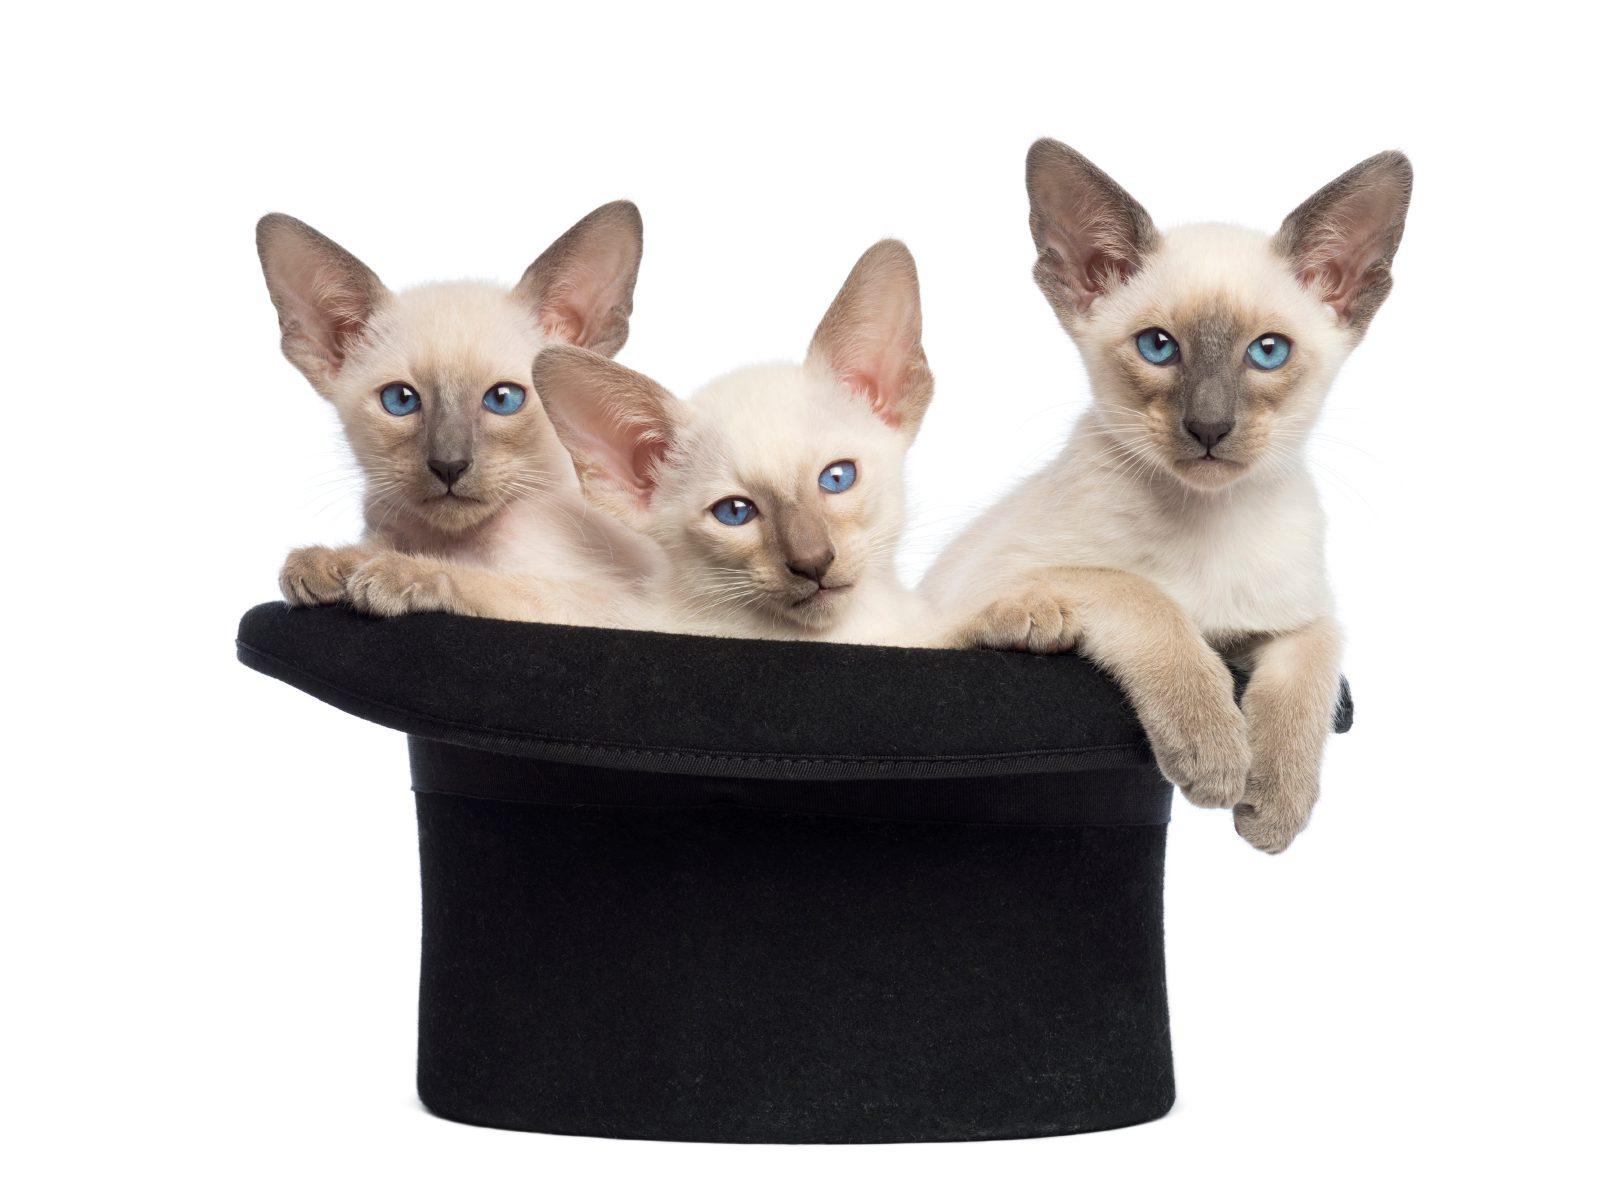 12. Les chats peuvent apprendre quelques tours